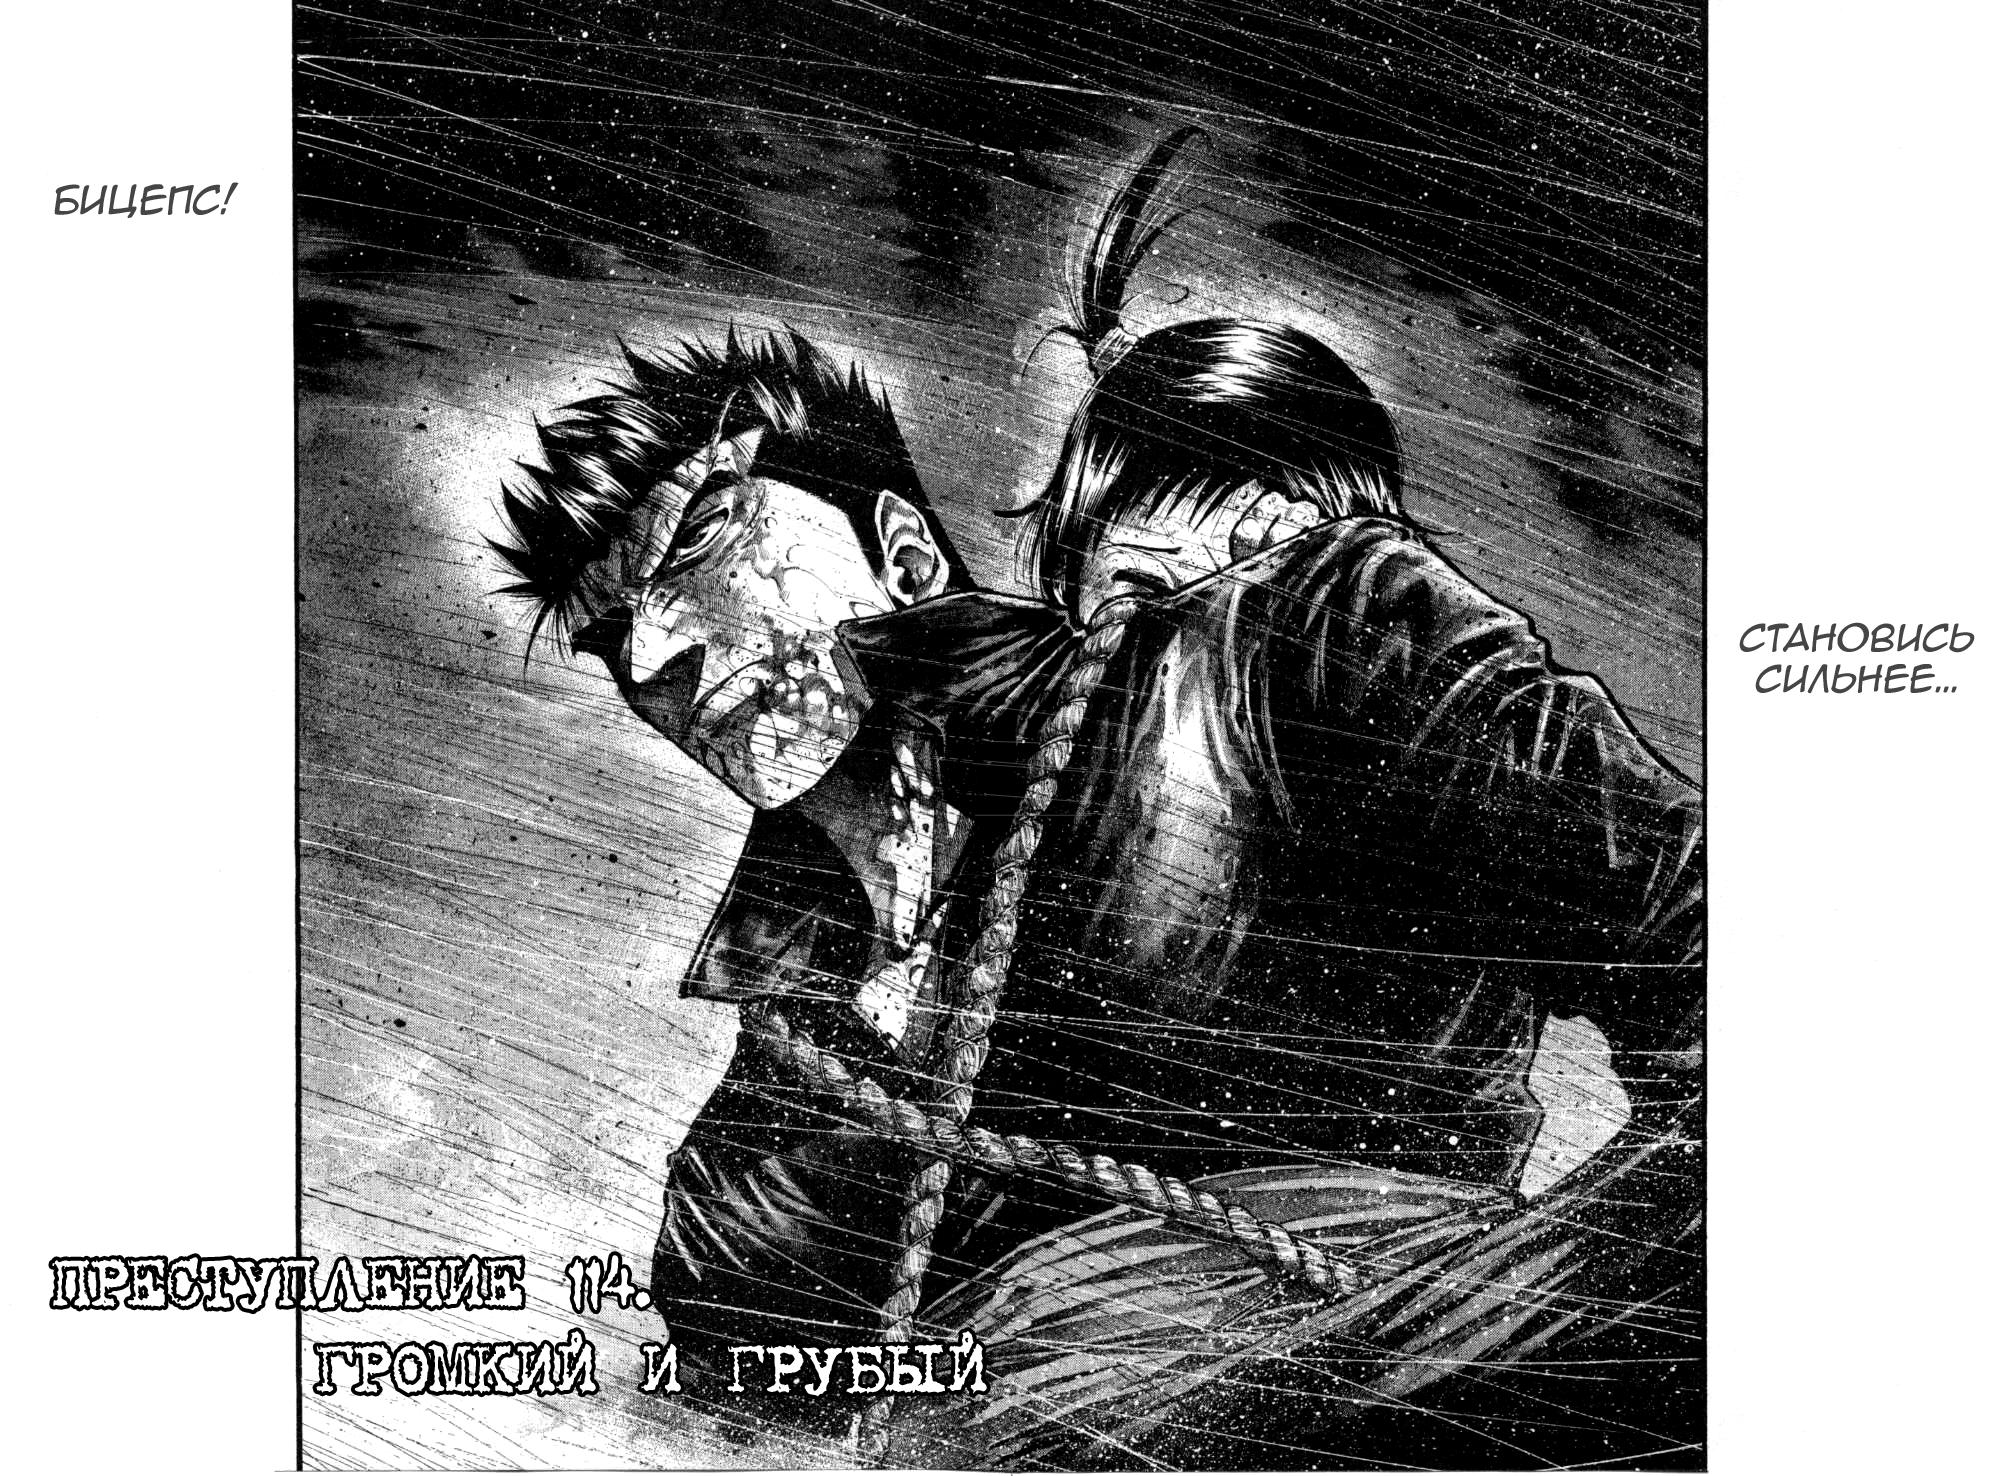 https://r2.ninemanga.com/comics/pic3/55/35447/1277591/1542453764114.png Page 6